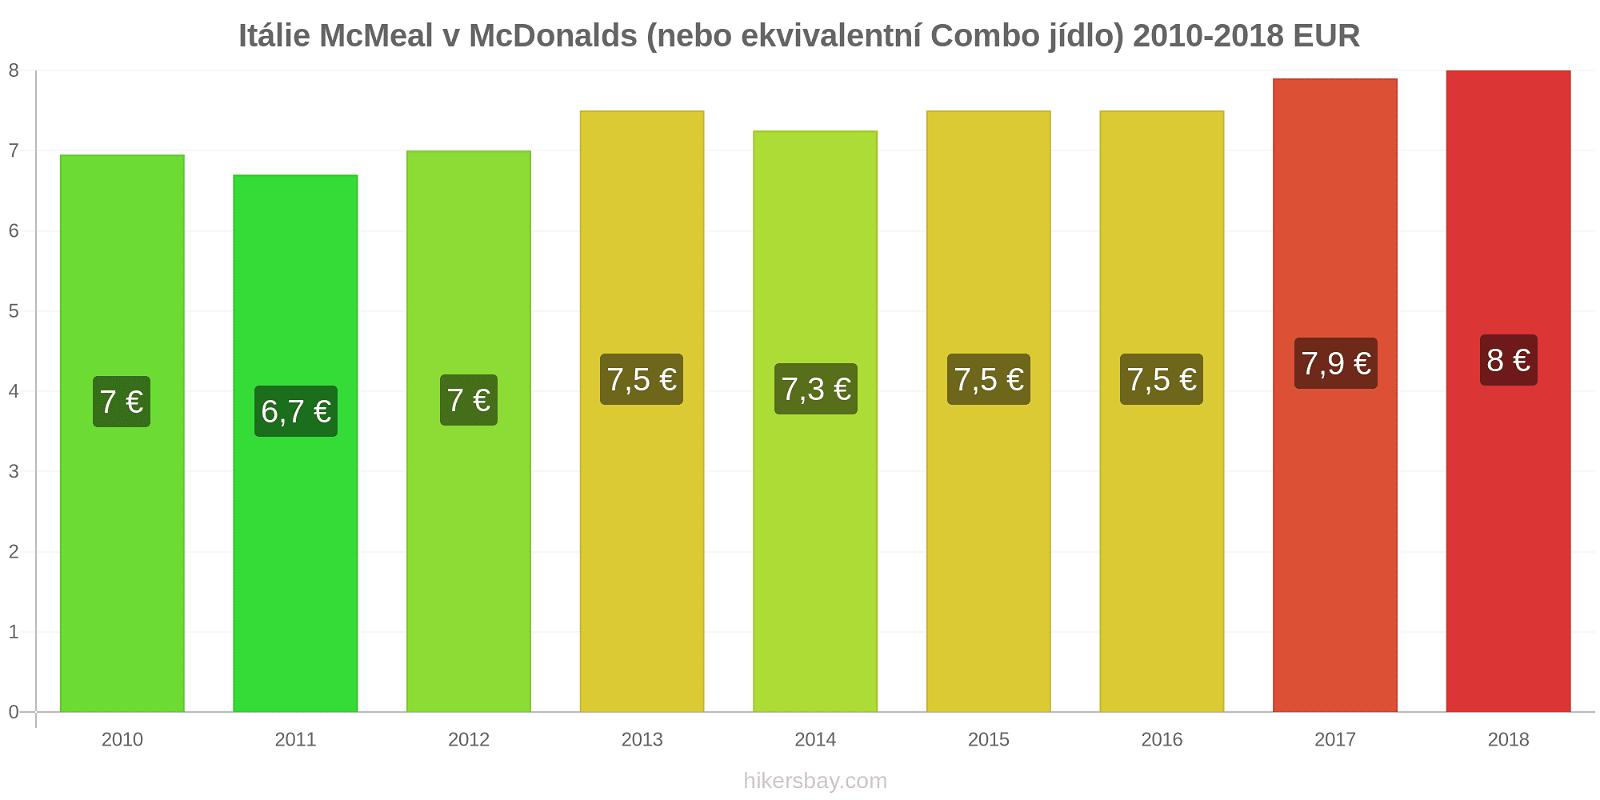 Itálie změny cen McMeal v McDonalds (nebo ekvivalentní Combo jídlo) hikersbay.com